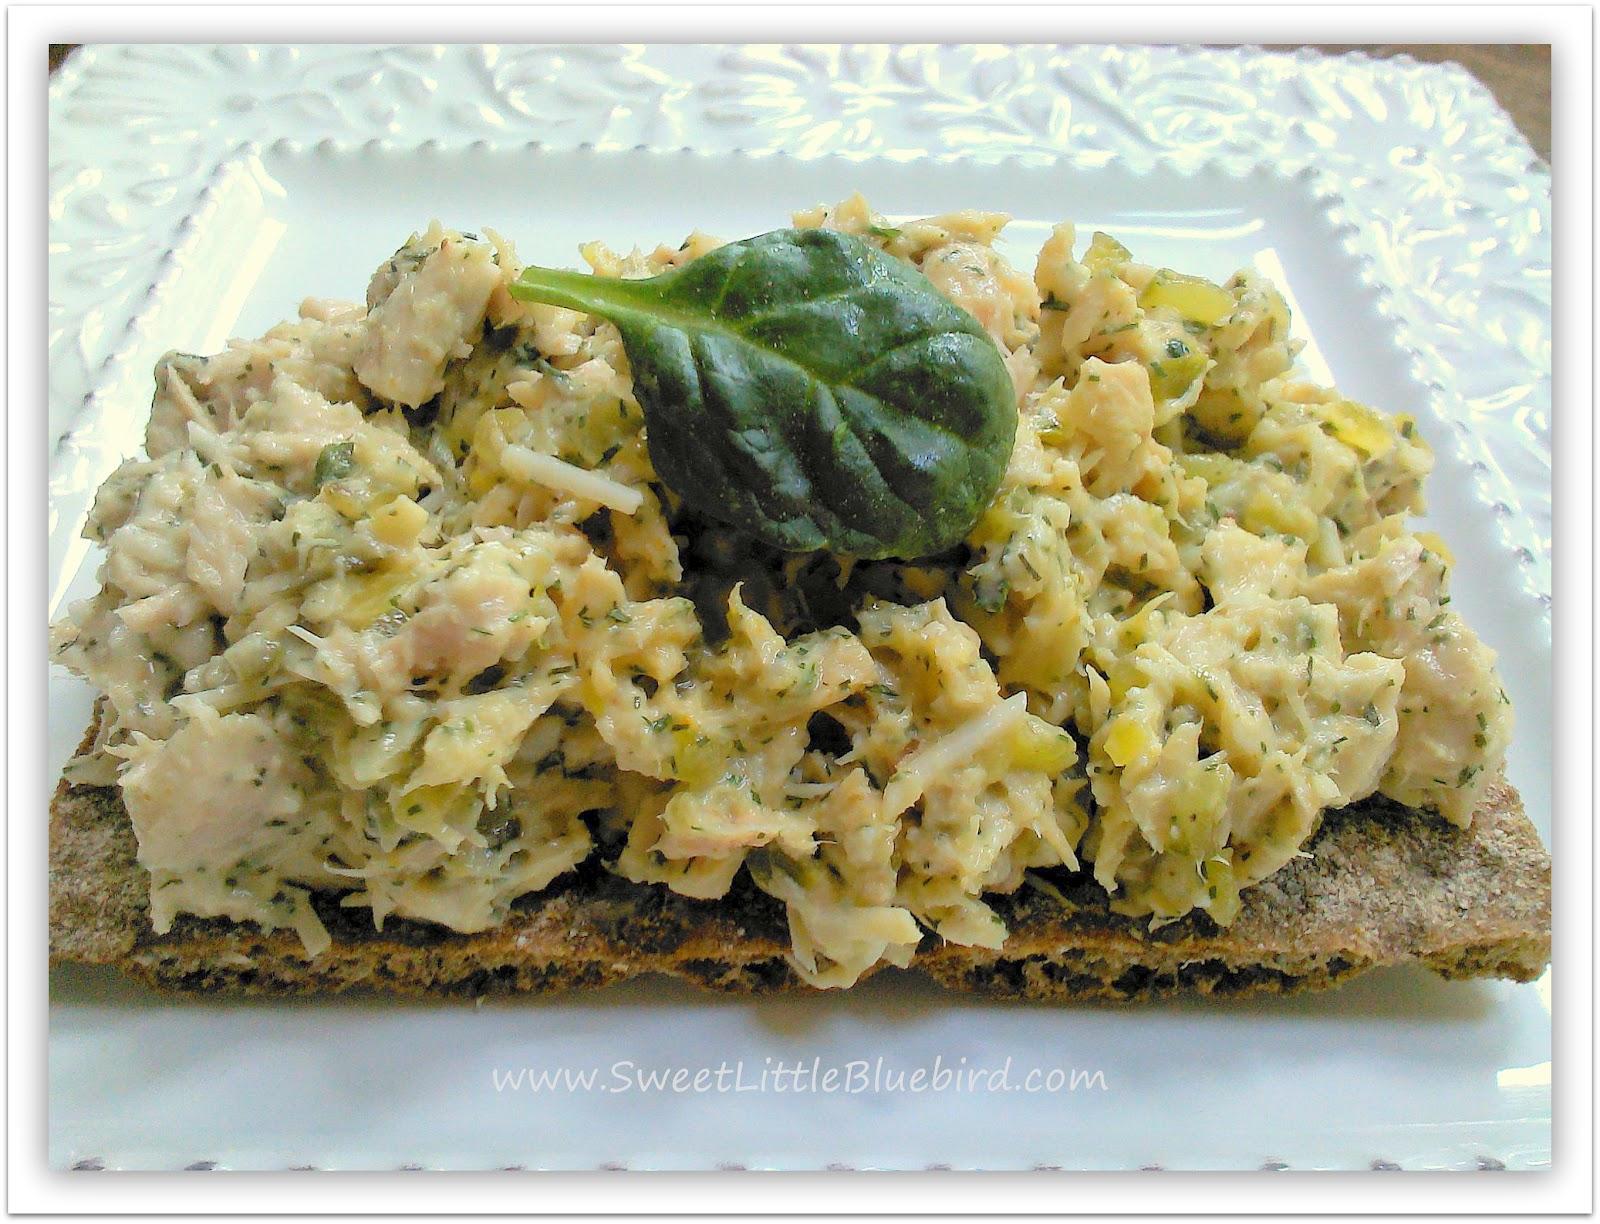 Tuna Salad With Crackers Barbie's tuna salad